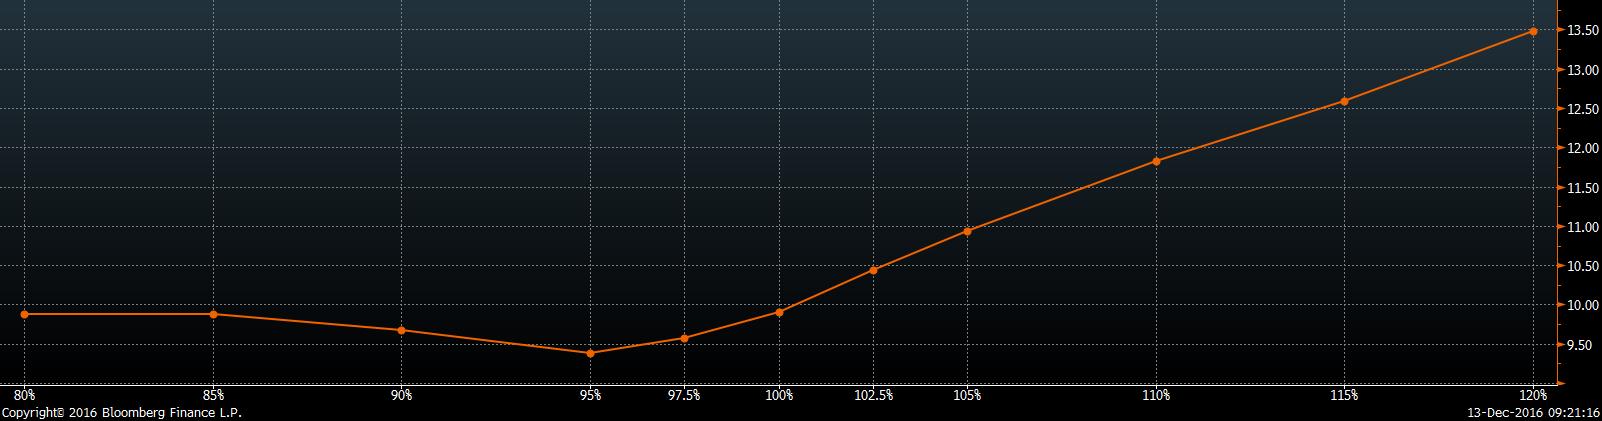 demand-side-forward-volatility-skew